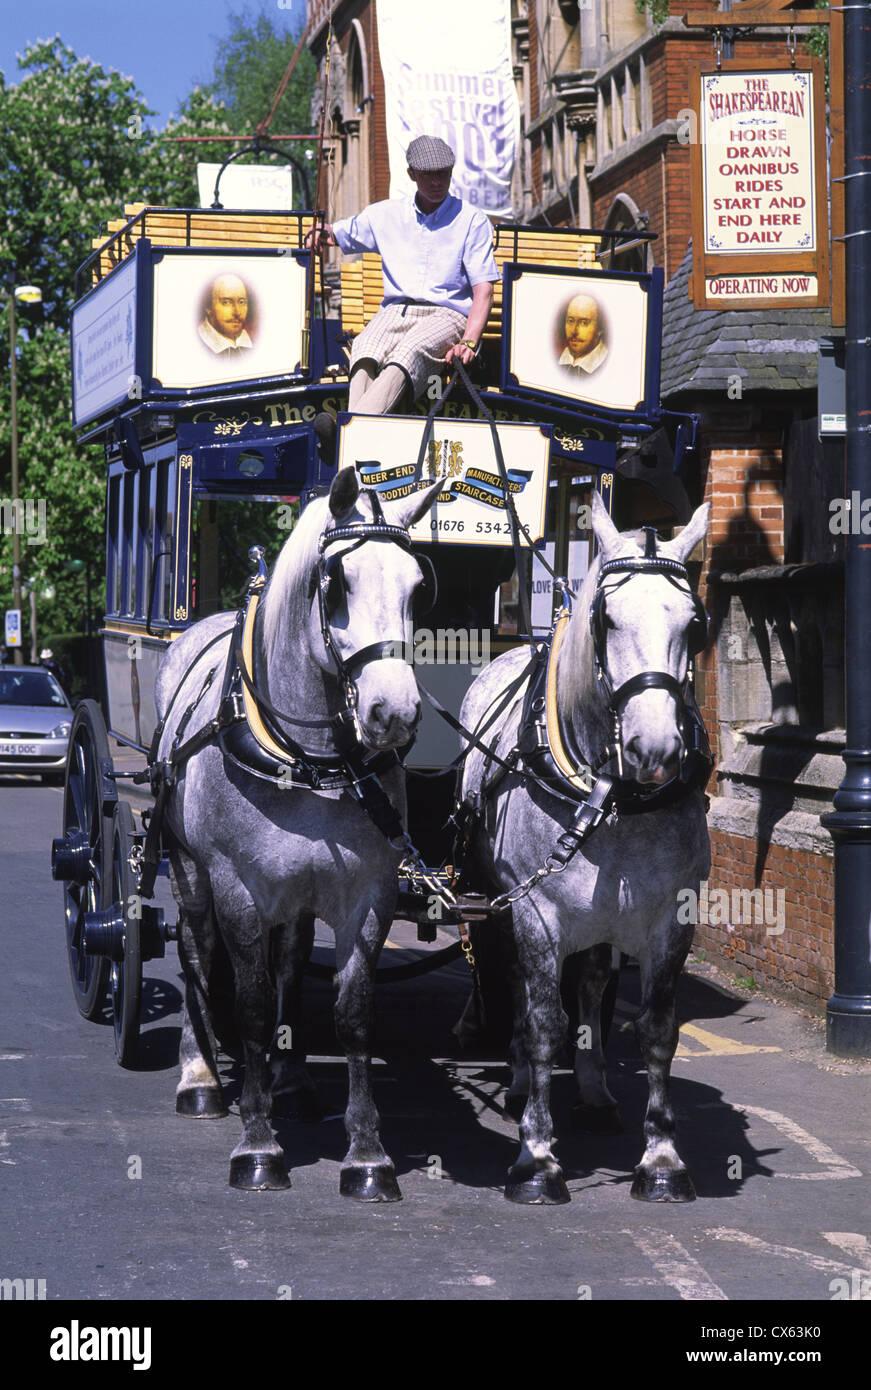 The Shakespearean horse-drawn omnibus, Stratford-upon-Avon, Warwickshire, UK - Stock Image